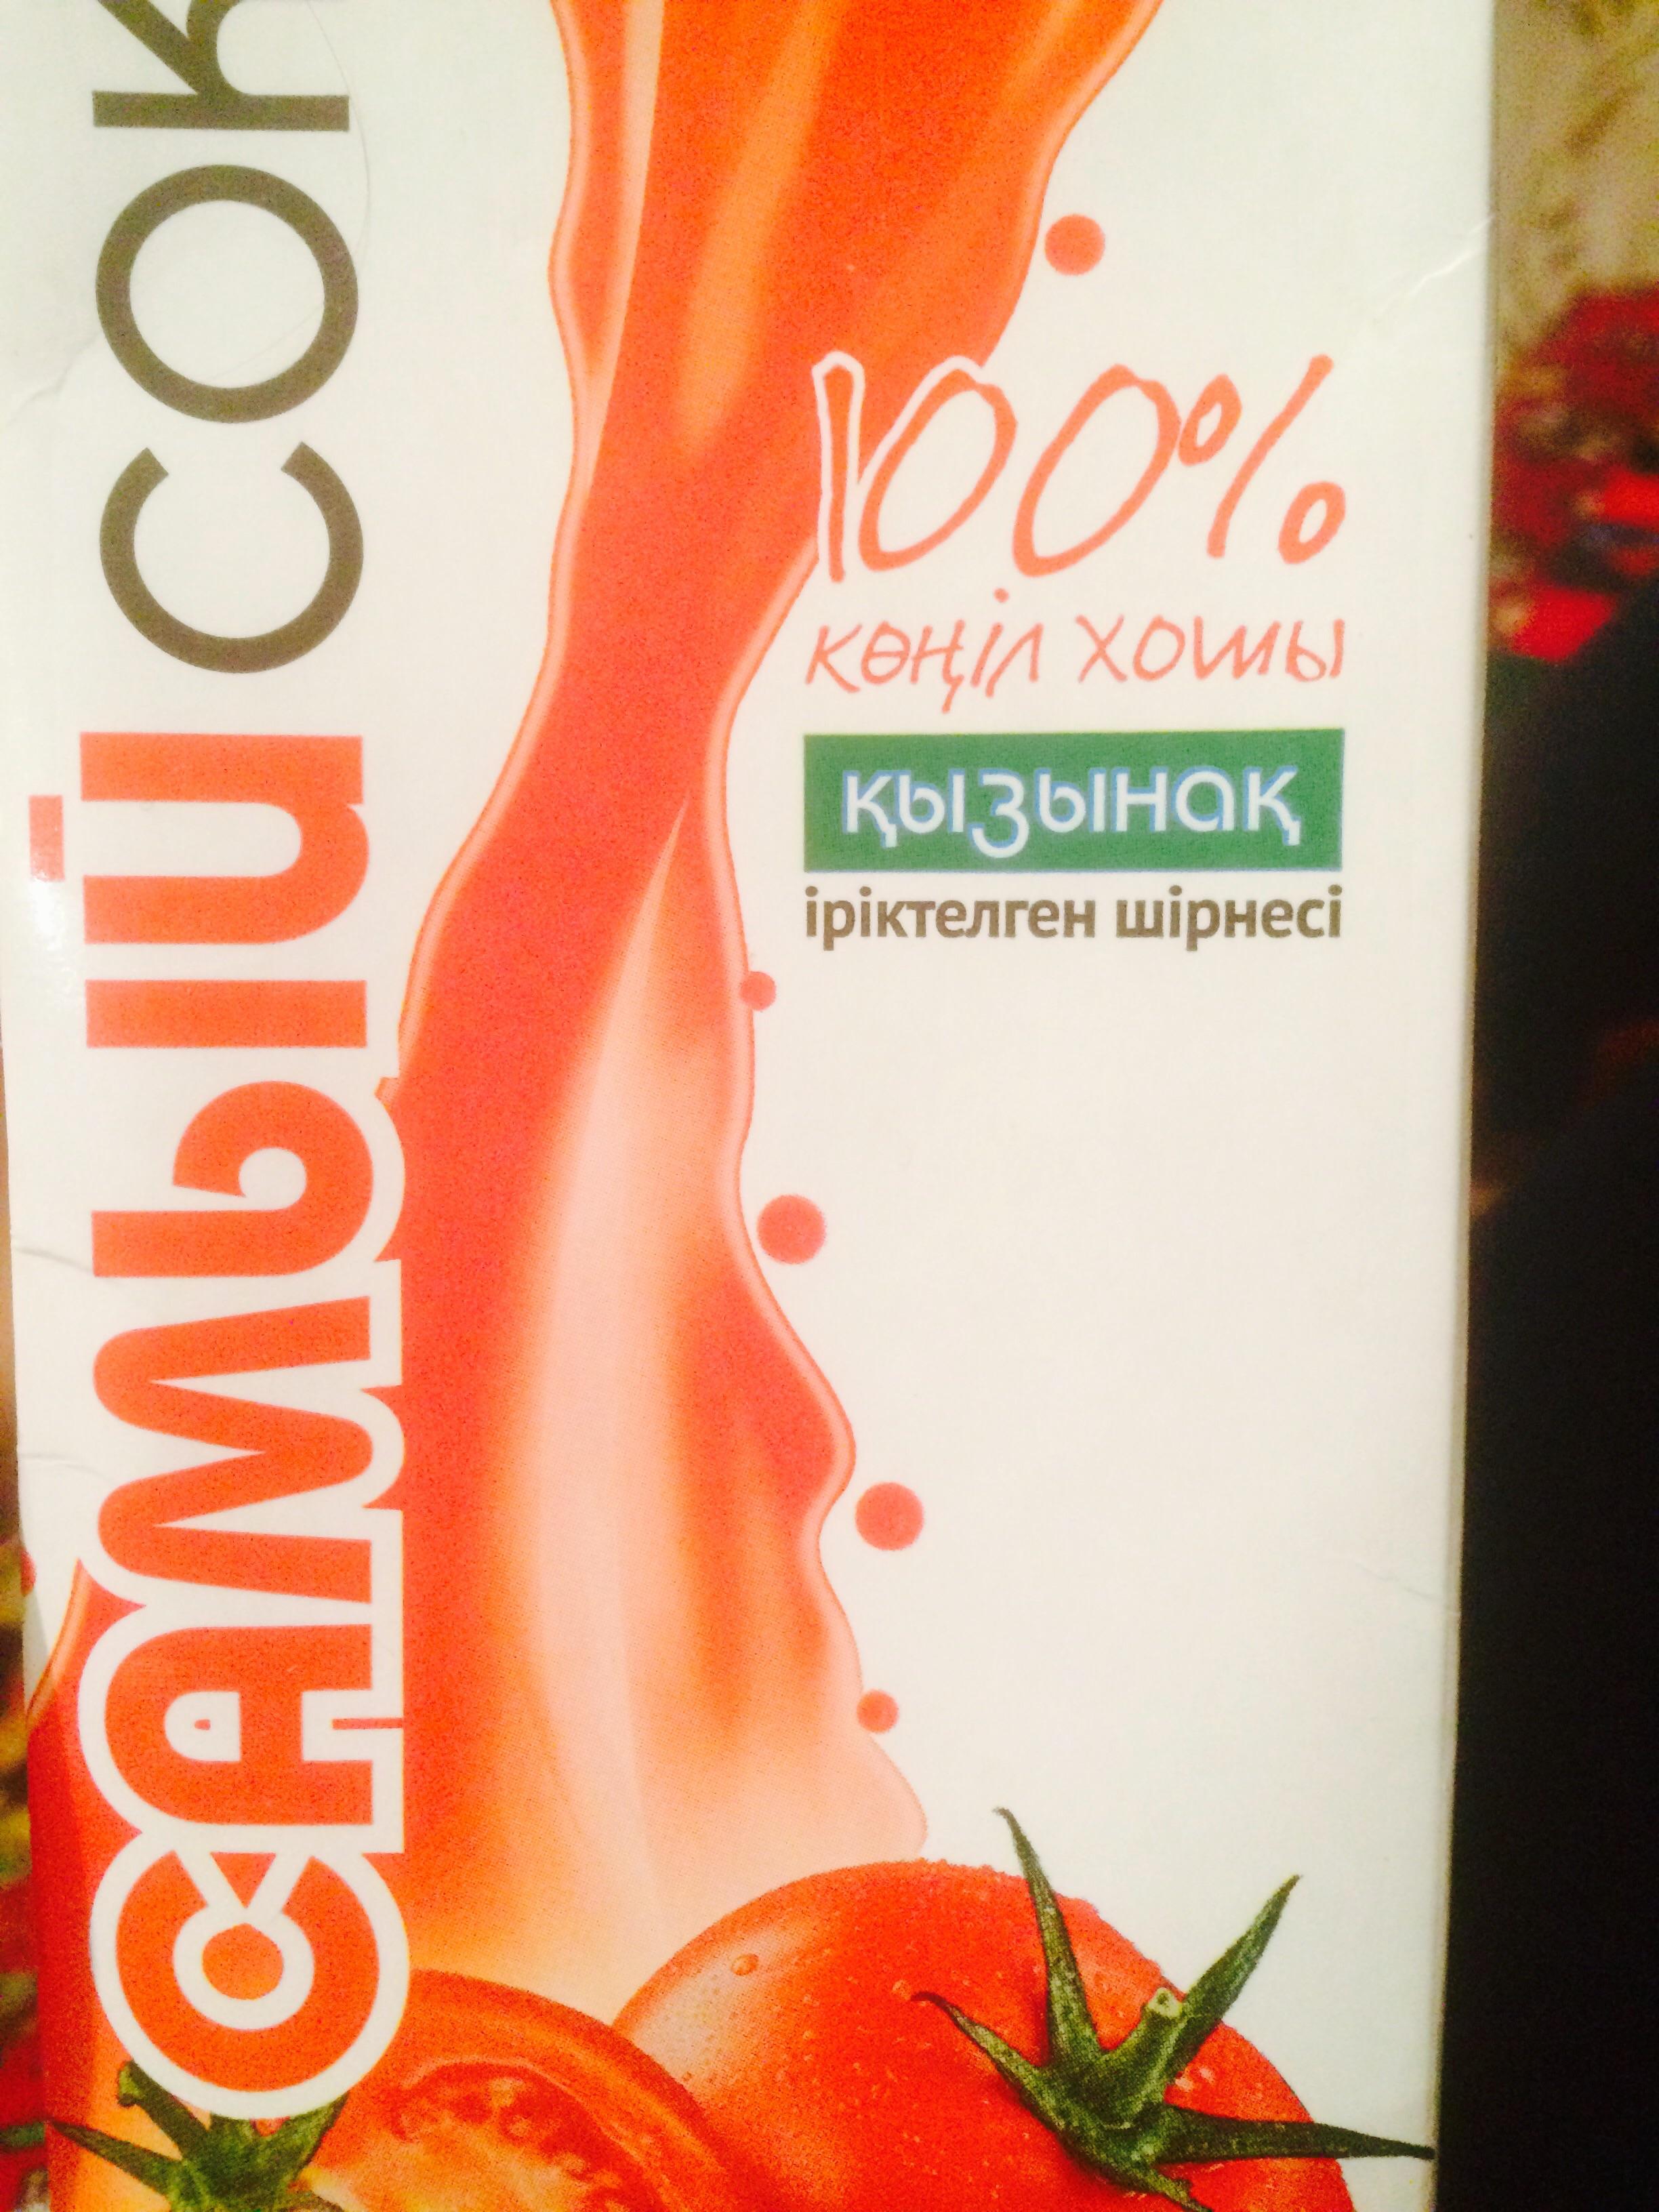 Производитель:ТОО050050Республика Казахстан,ТОО